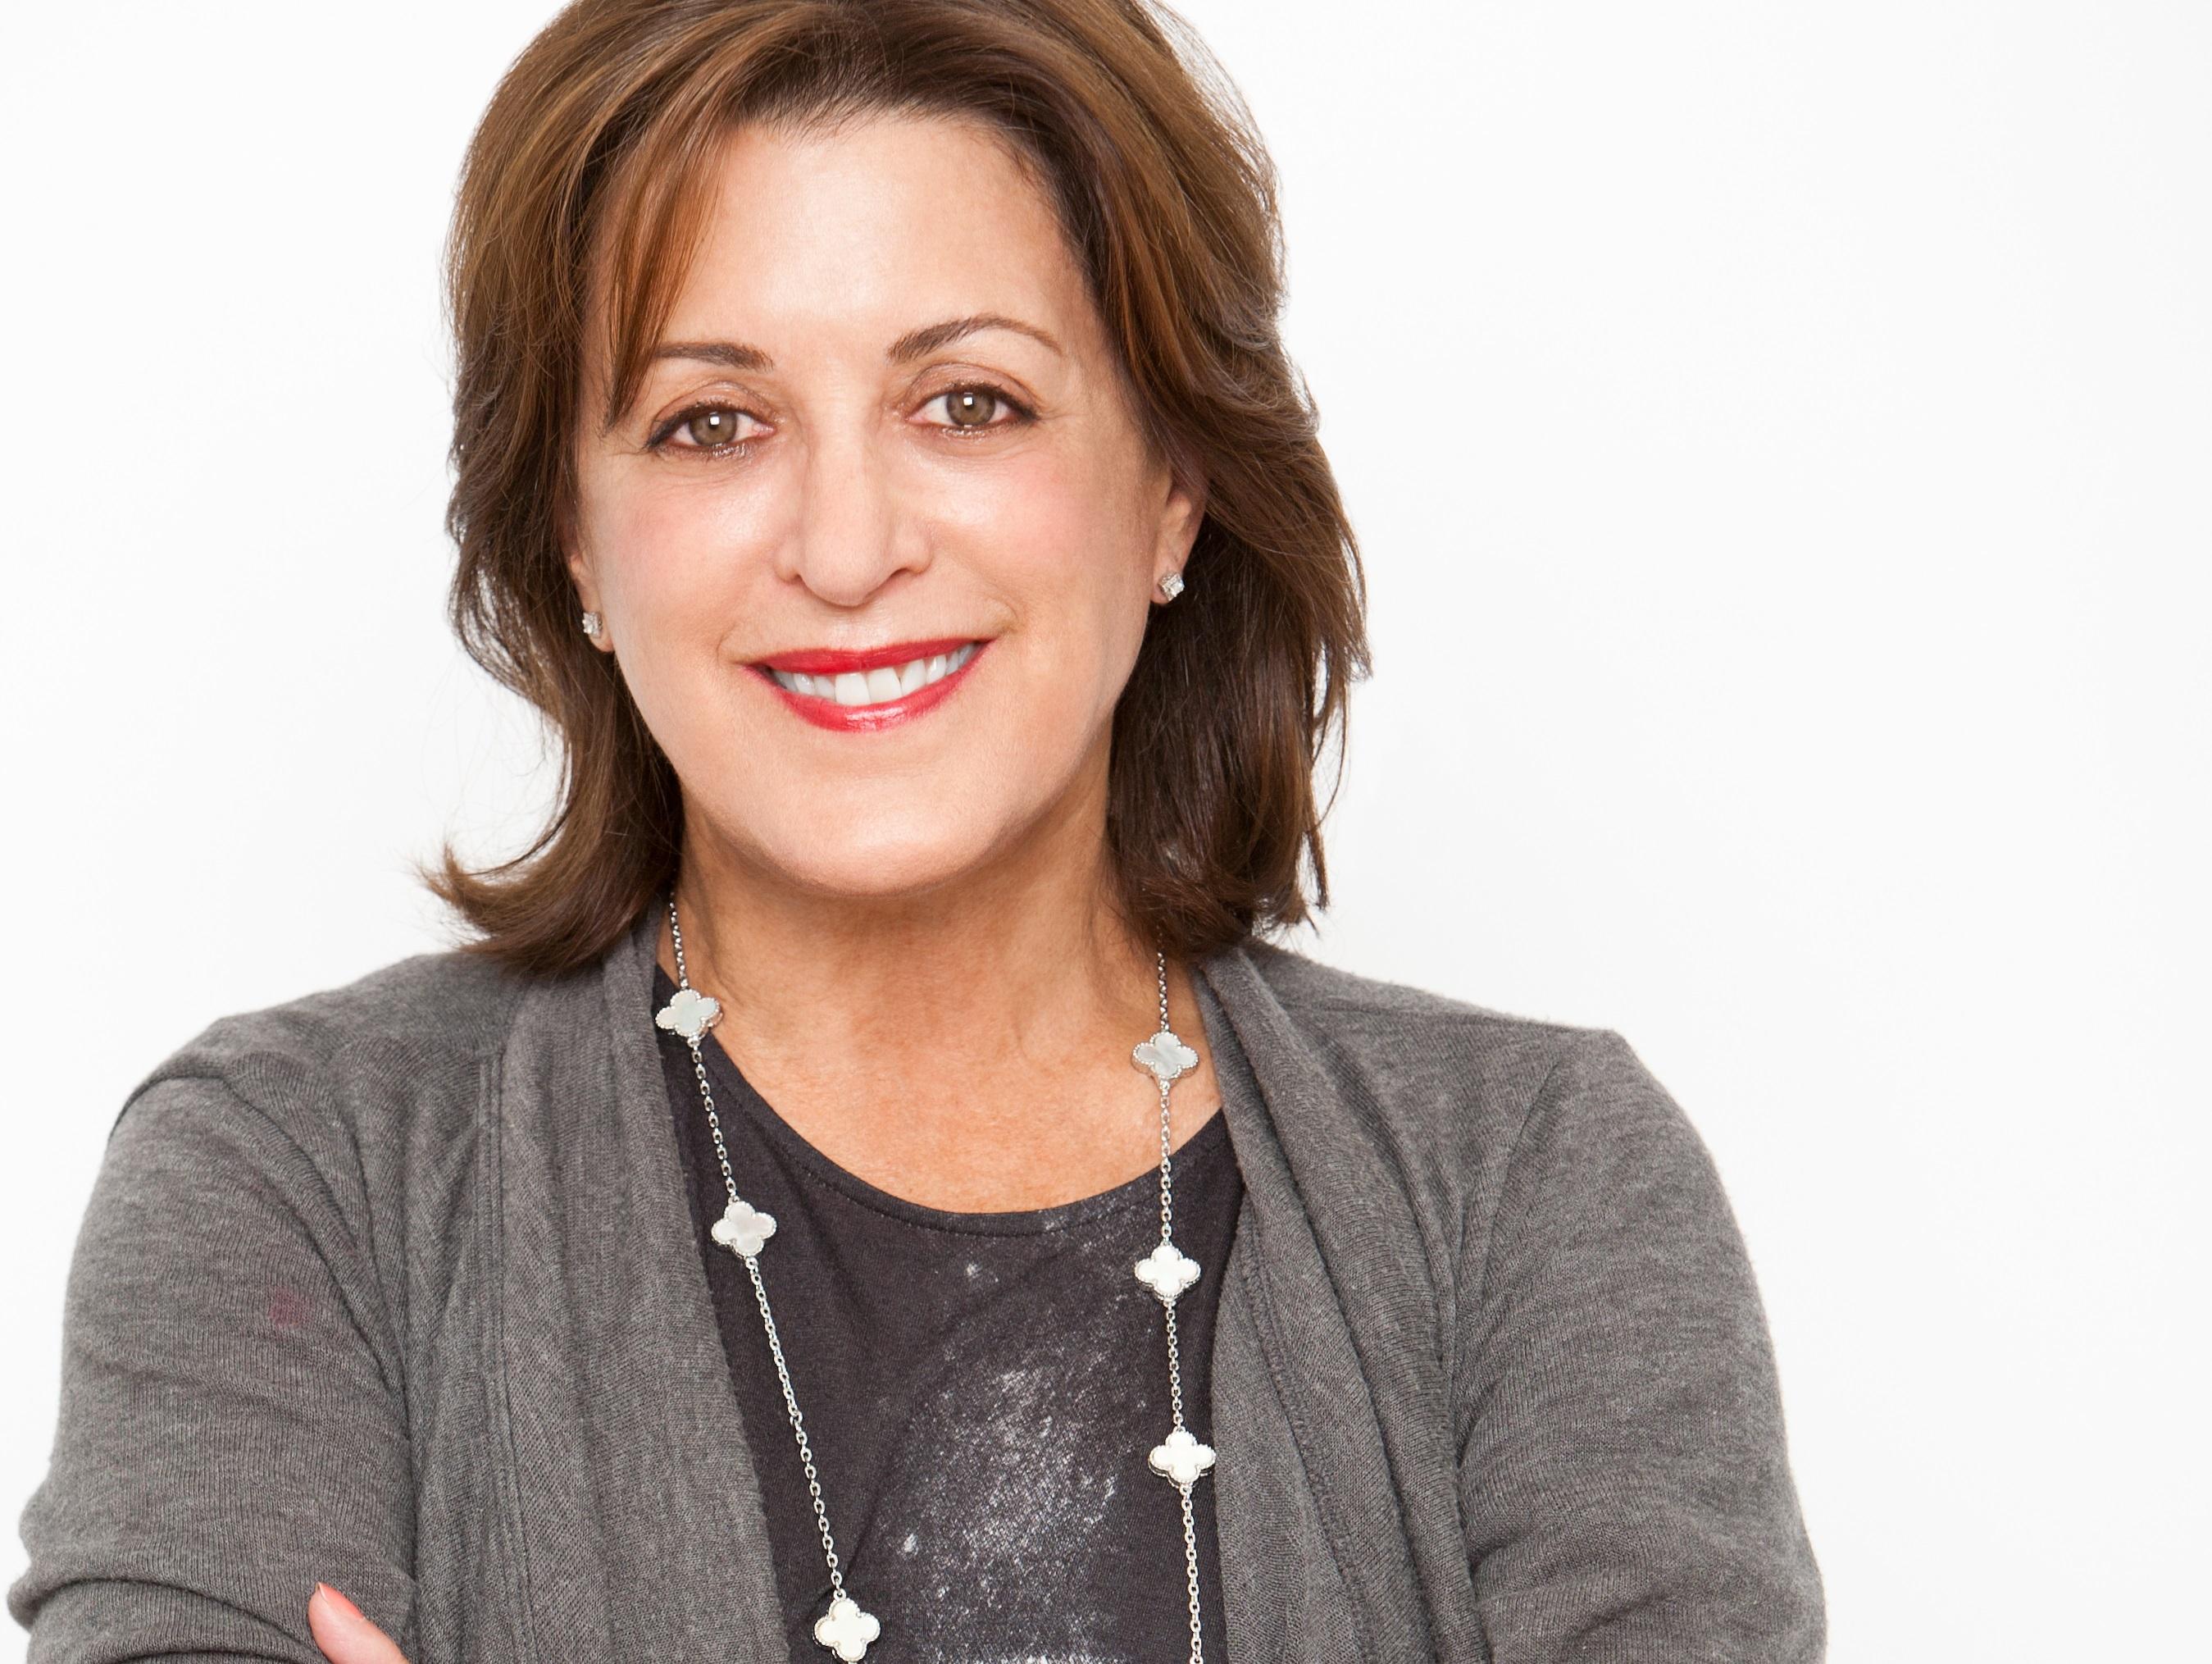 Julie McDonald of MSA